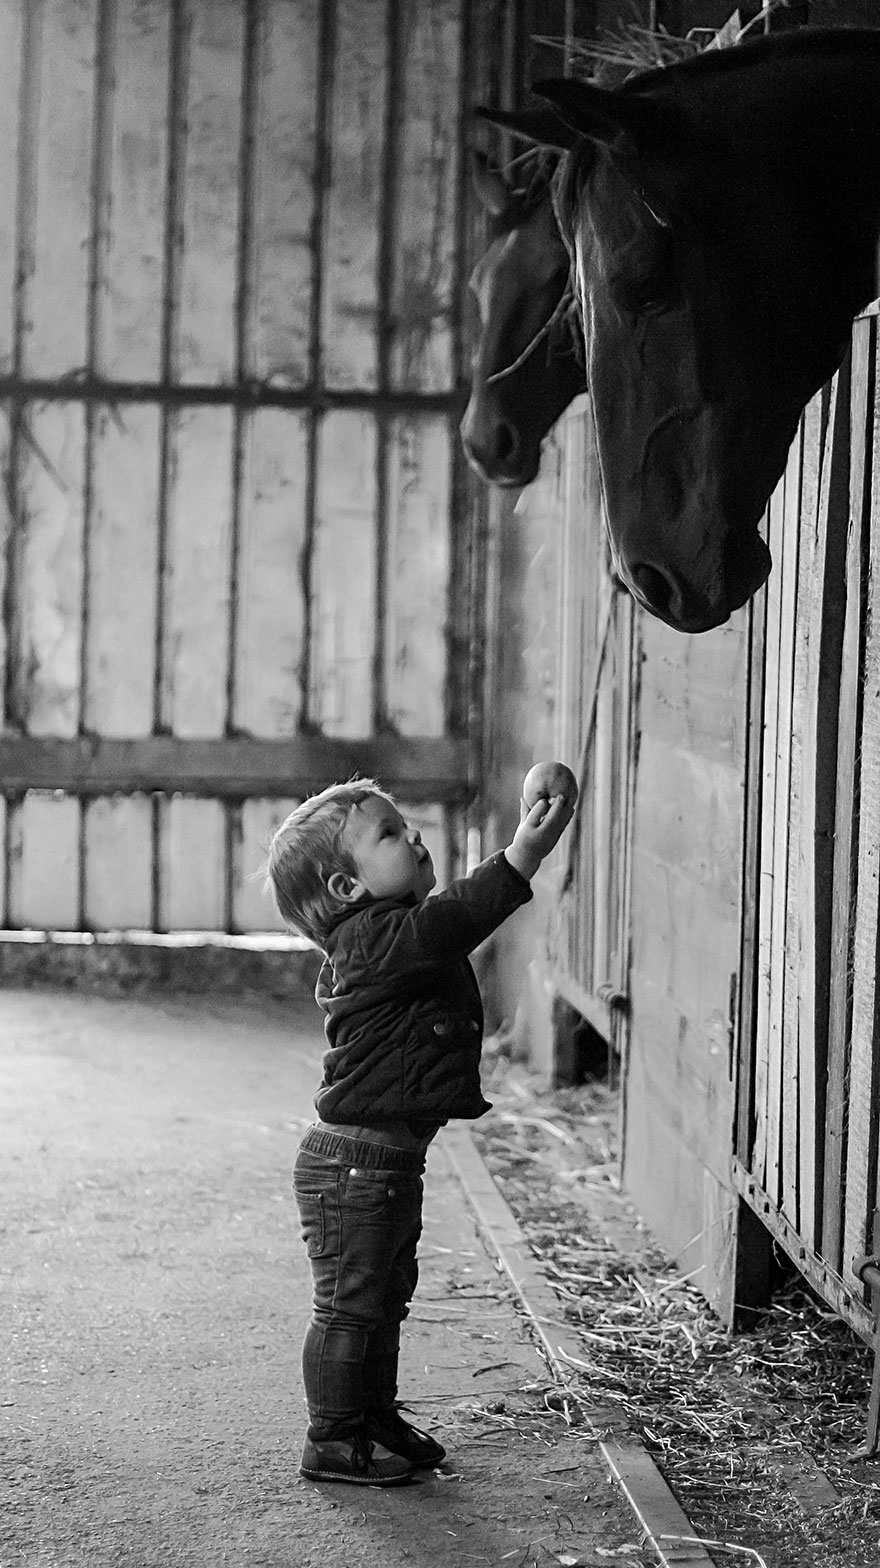 kids-animals-family-photography-mother-agnieszka-gulczyiska-2